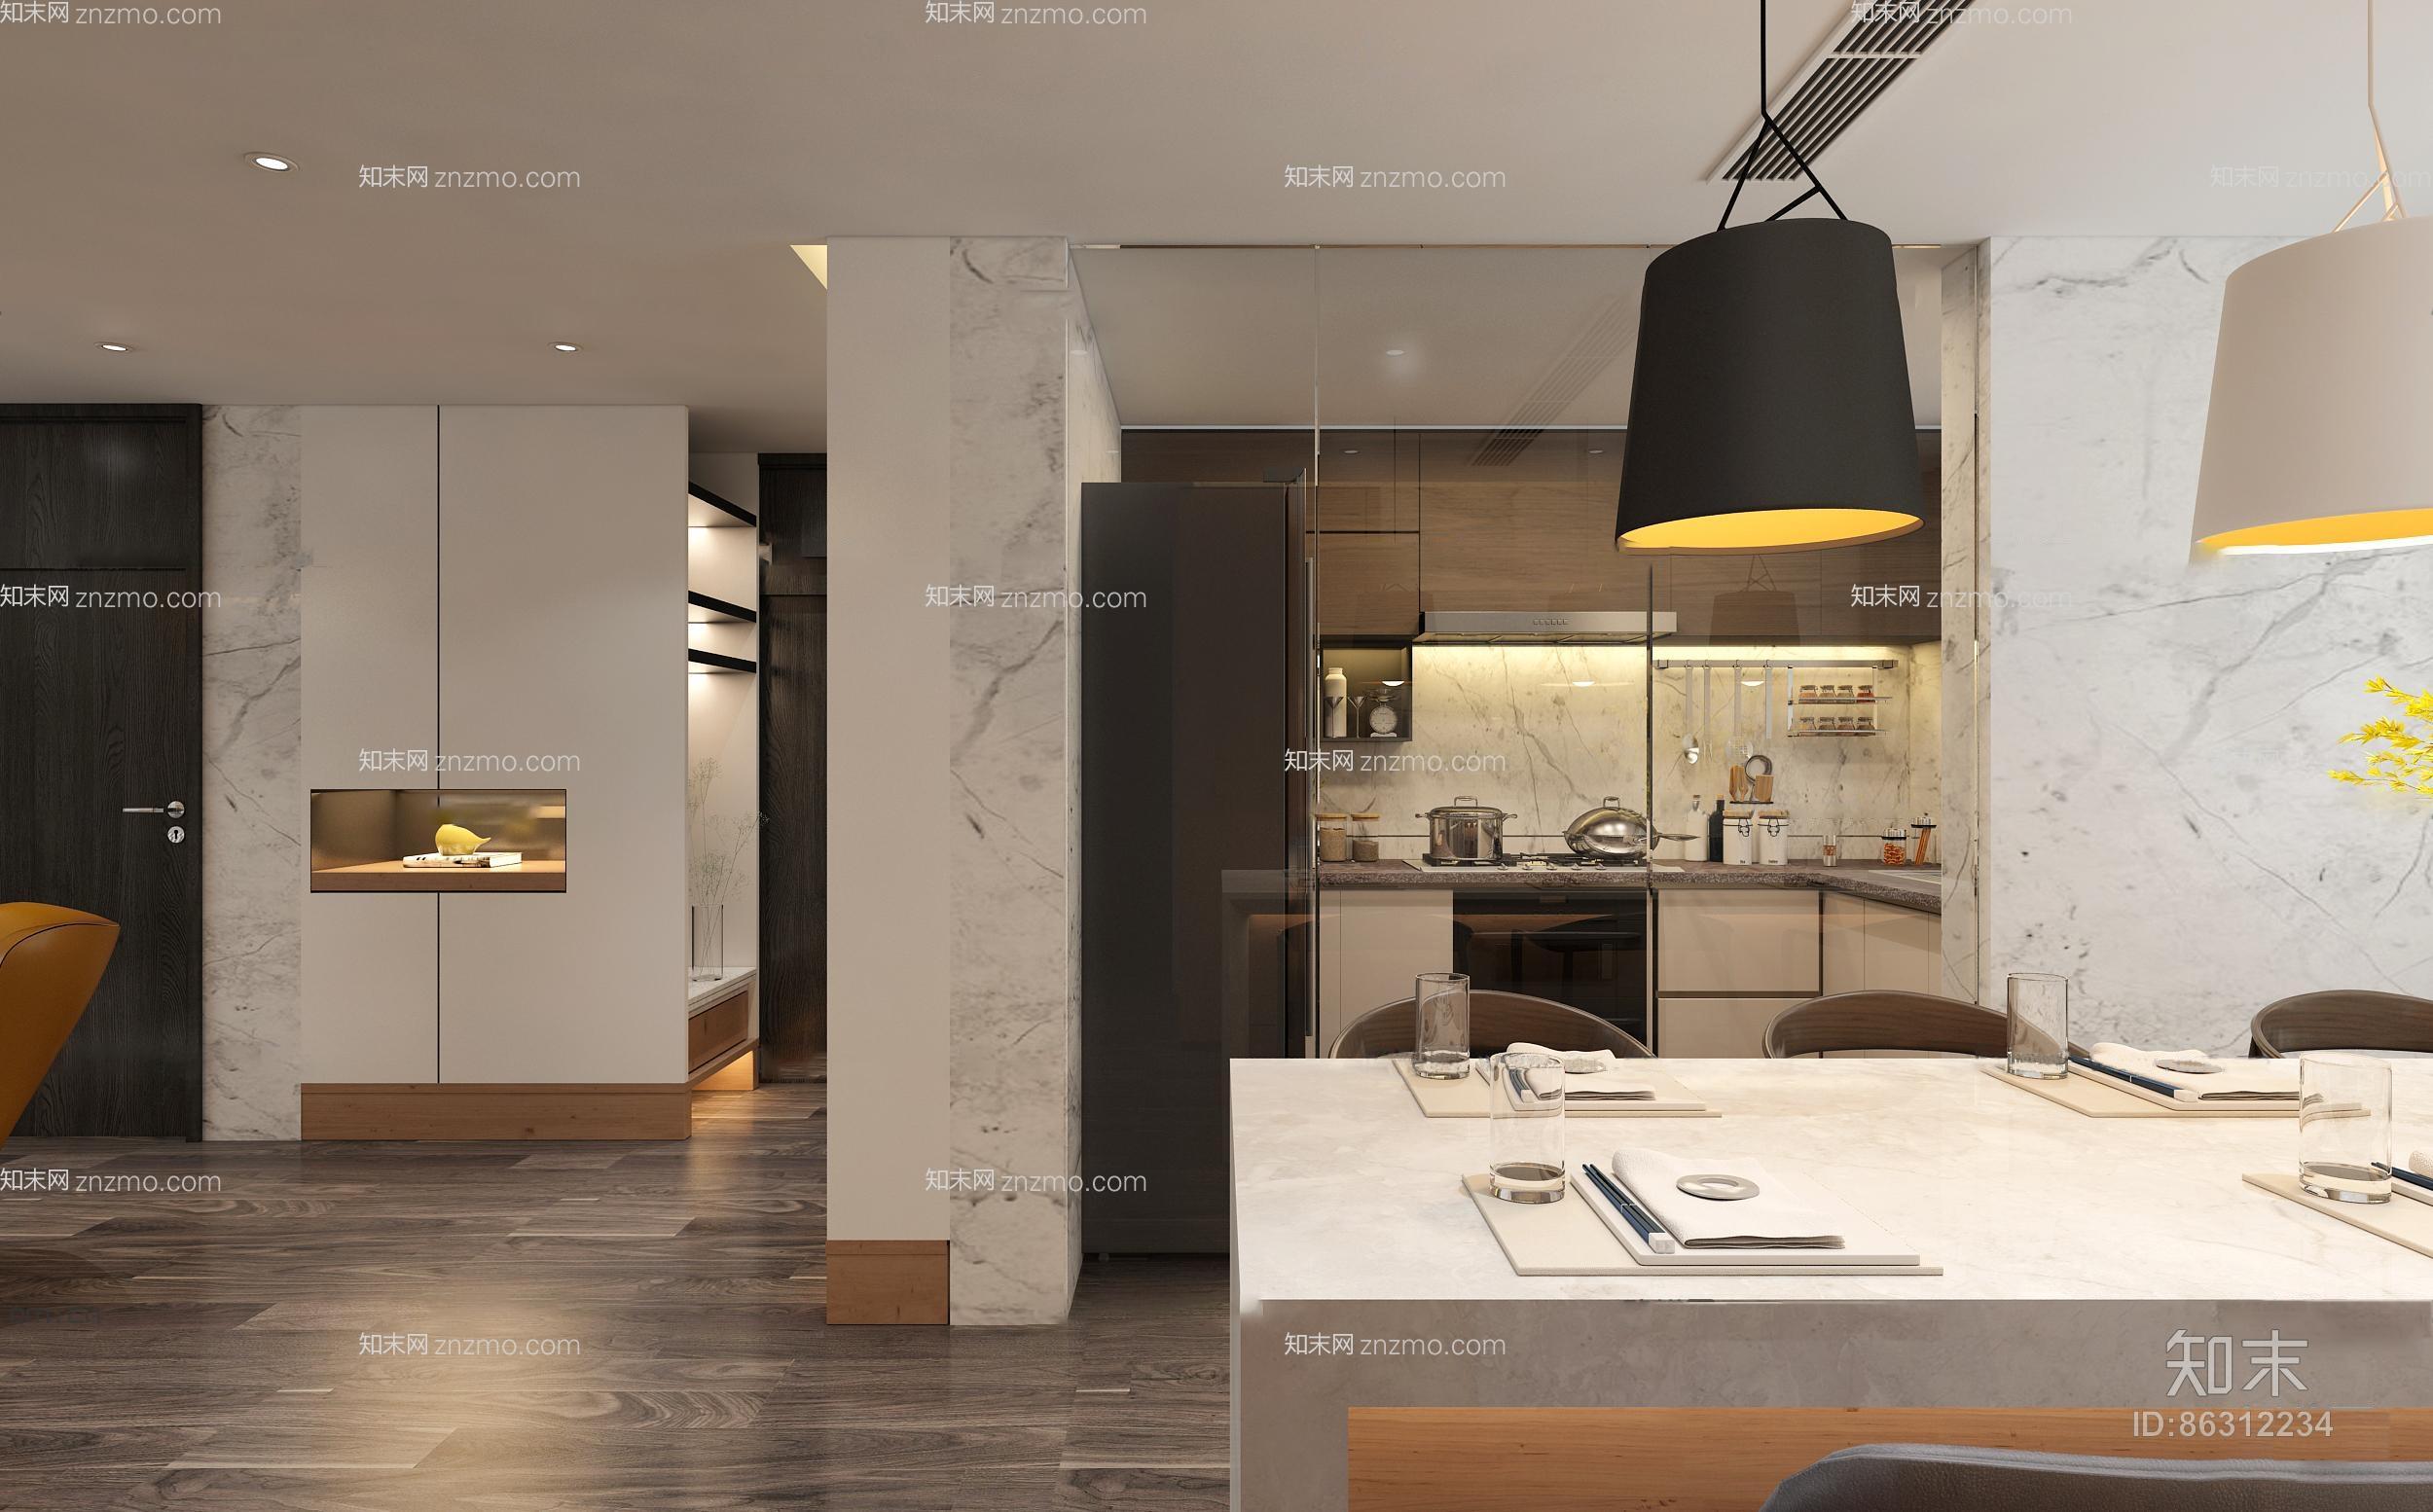 现代客厅餐厅 吊灯 台灯 装饰柜 单双人沙发 茶几 书架 挂画 餐桌椅